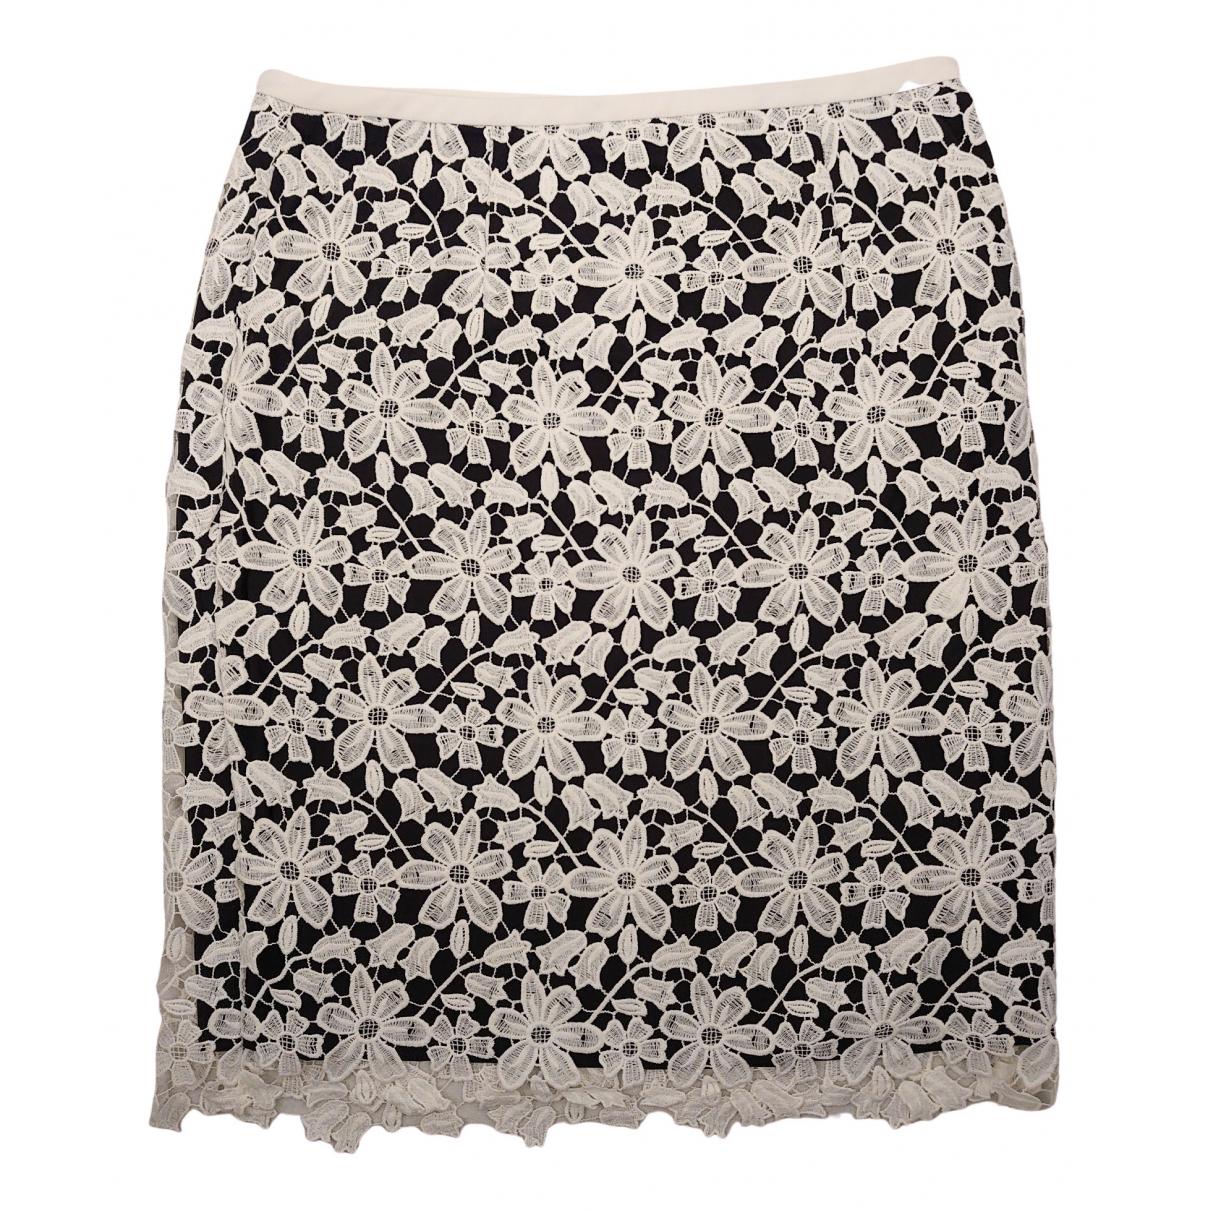 Karl Lagerfeld \N White skirt for Women 14-16 US